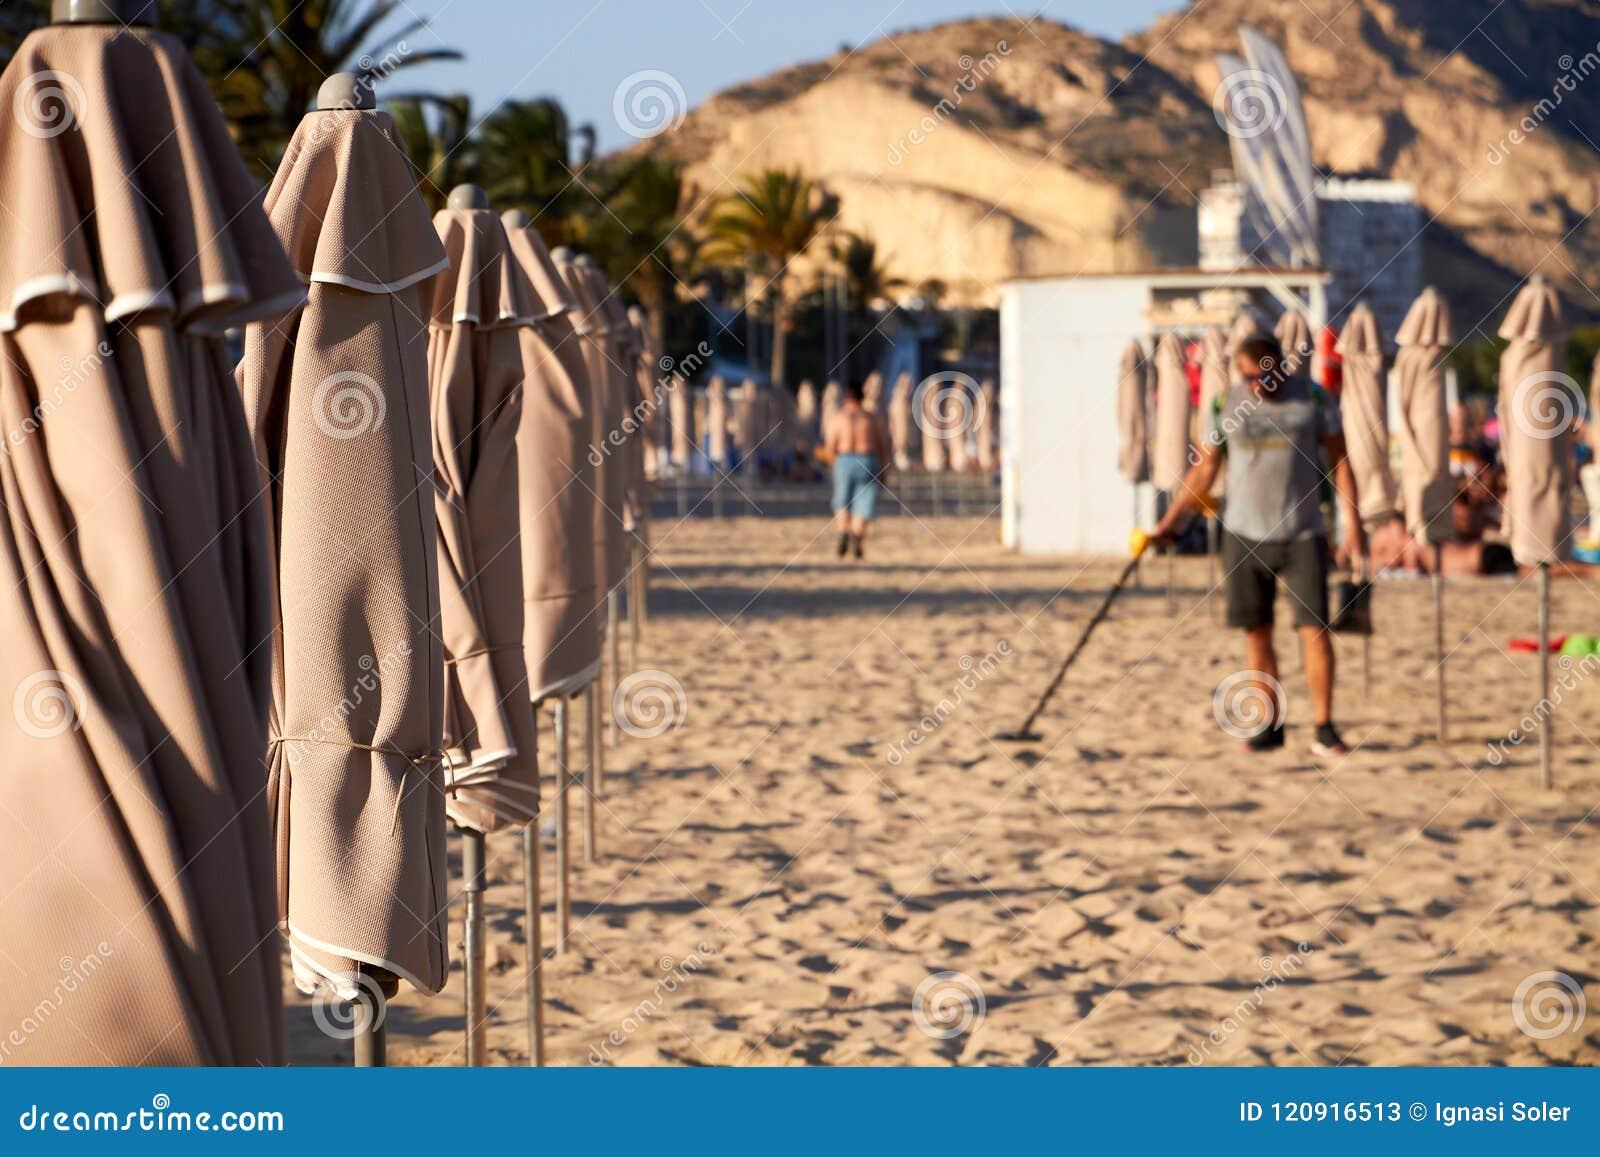 ALIACNTE SPANIEN, CIRCA JULI 2018 män med en metalldetektor på stranden